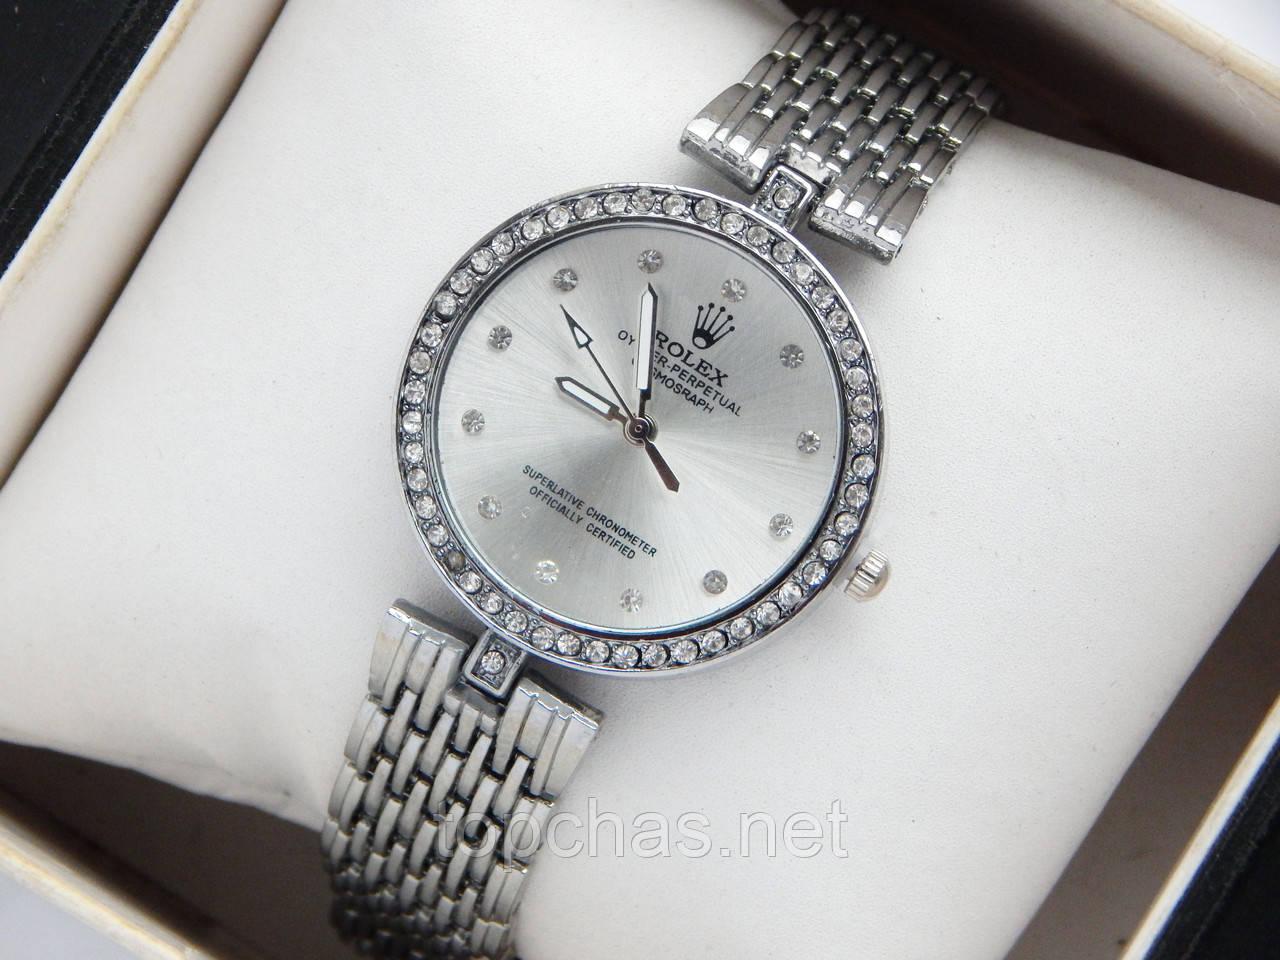 Наручные часы со стразами на циферблате копия часов бланпа купить в москве